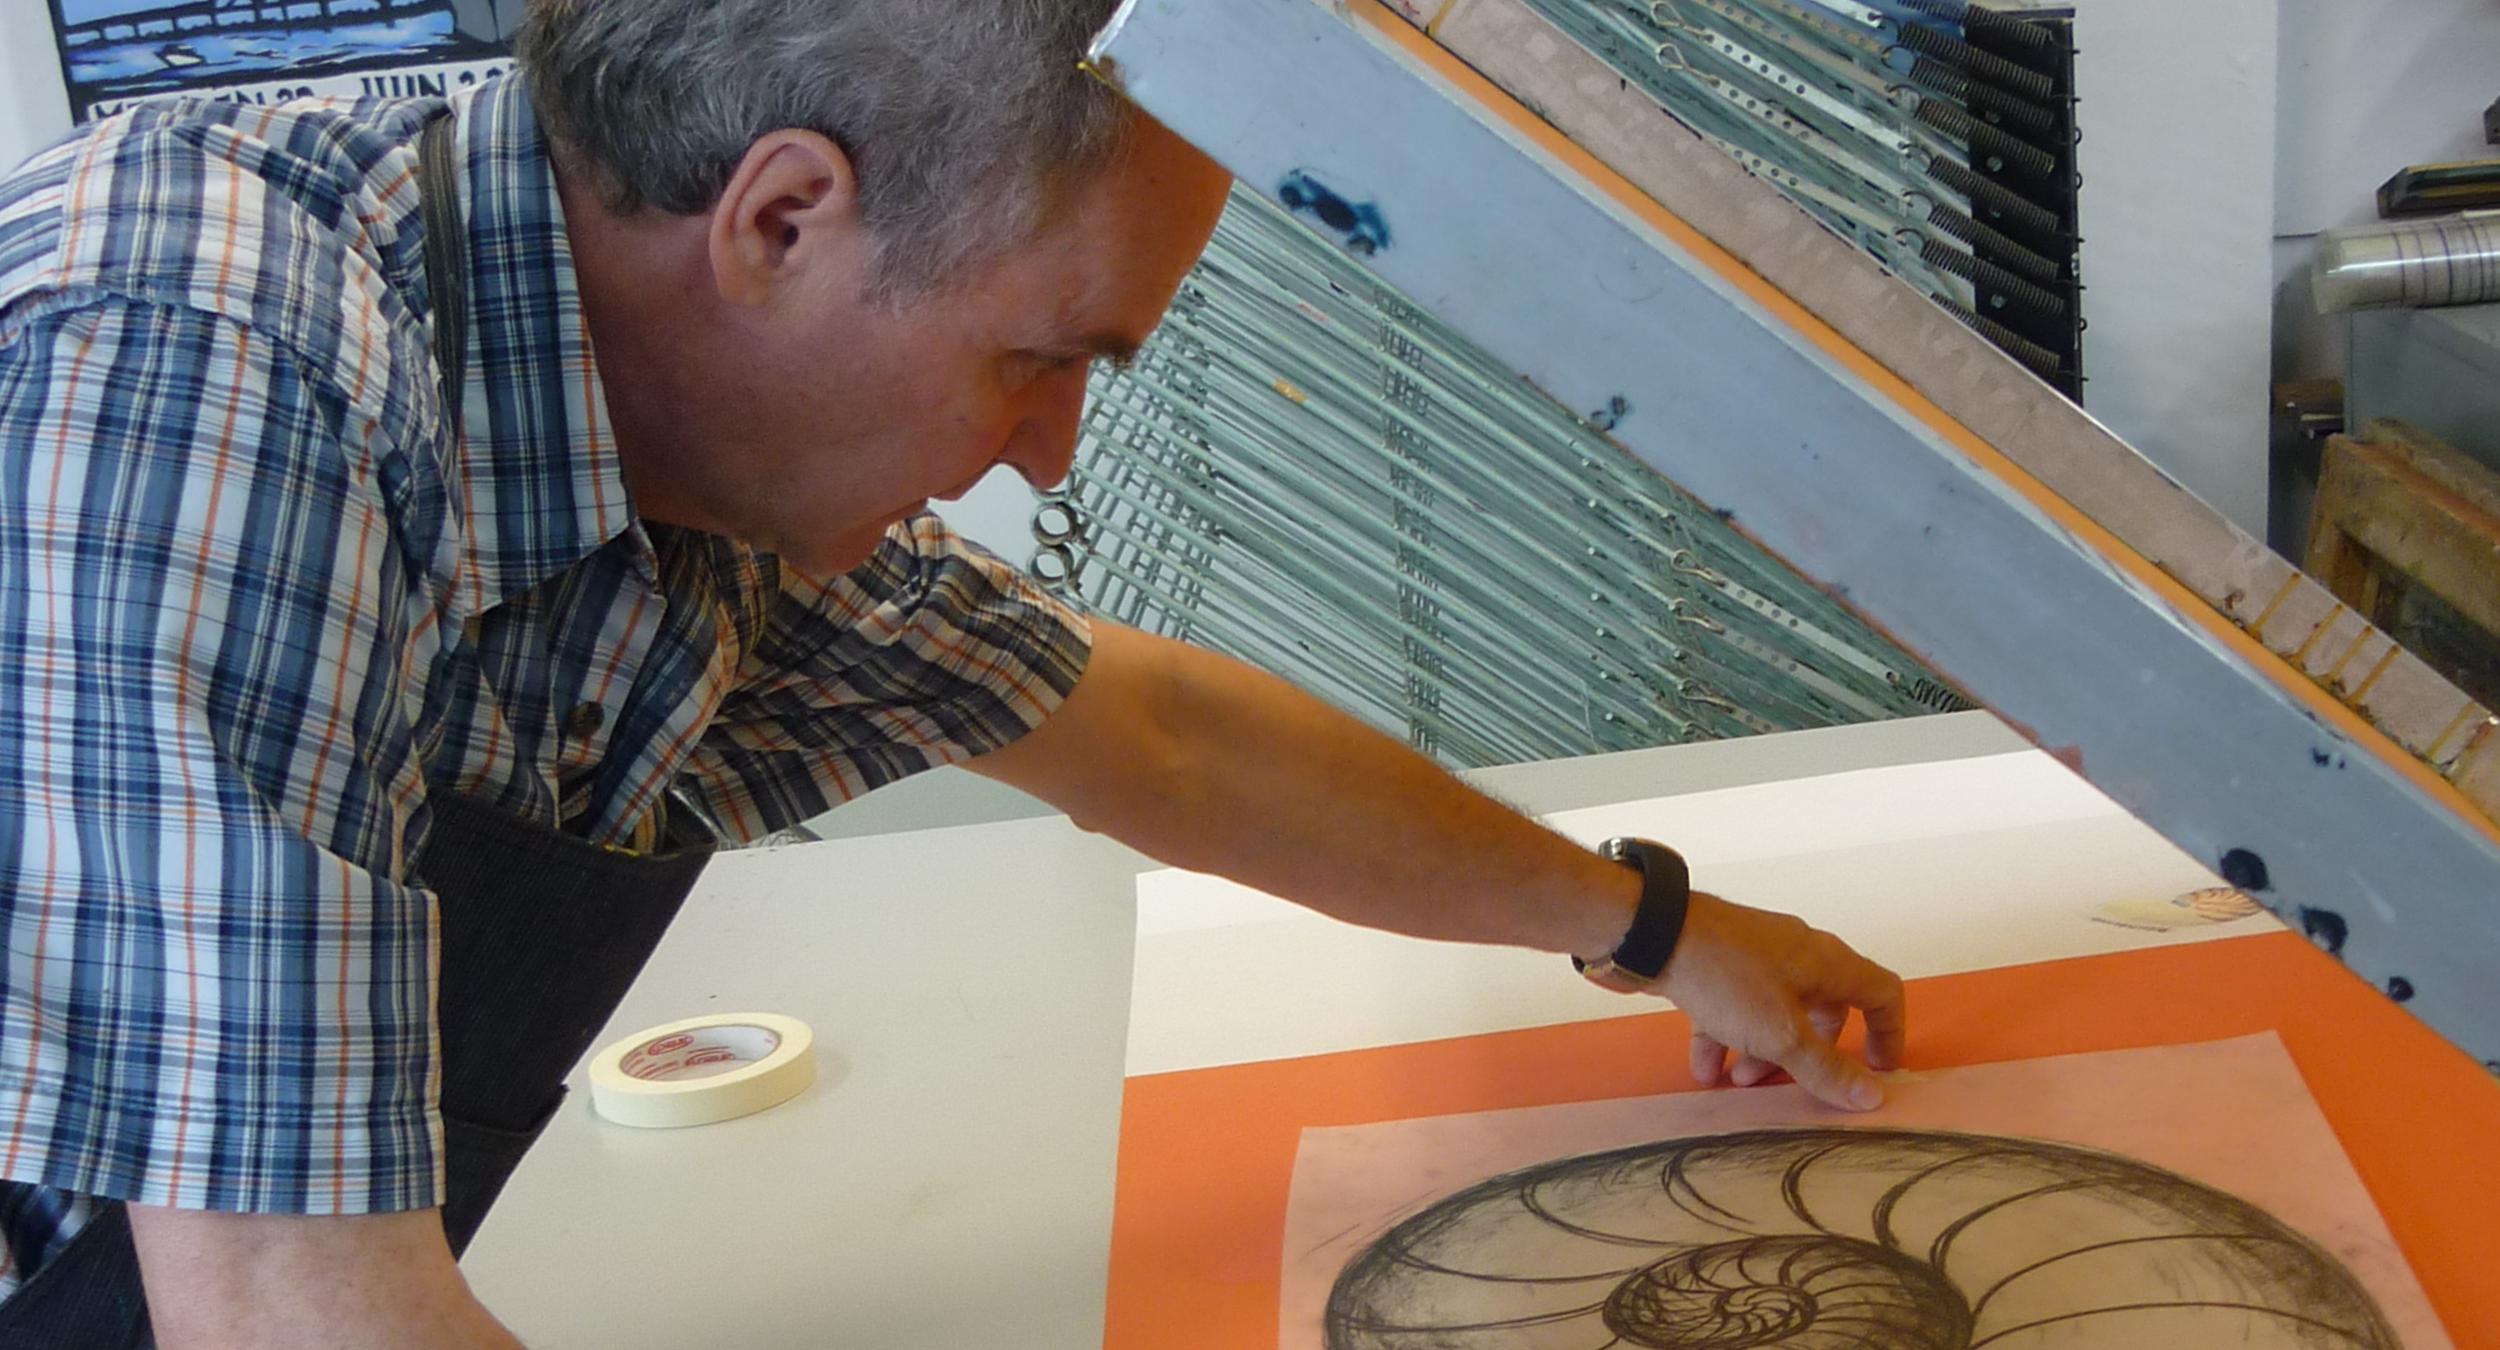 Denis Charland au travail. Technique d'estampe : sérigraphie.  Qu'est-ce que c'est?